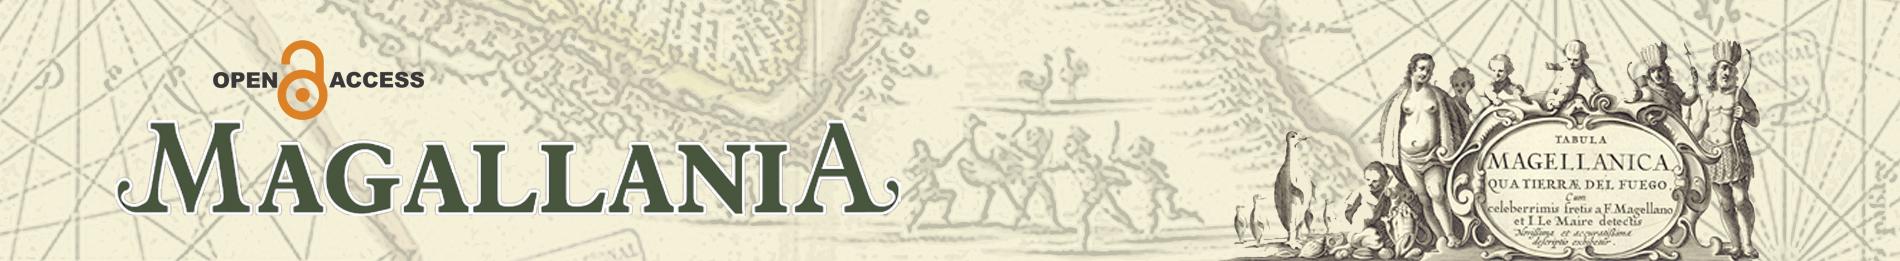 Pagina de inicio Magallania